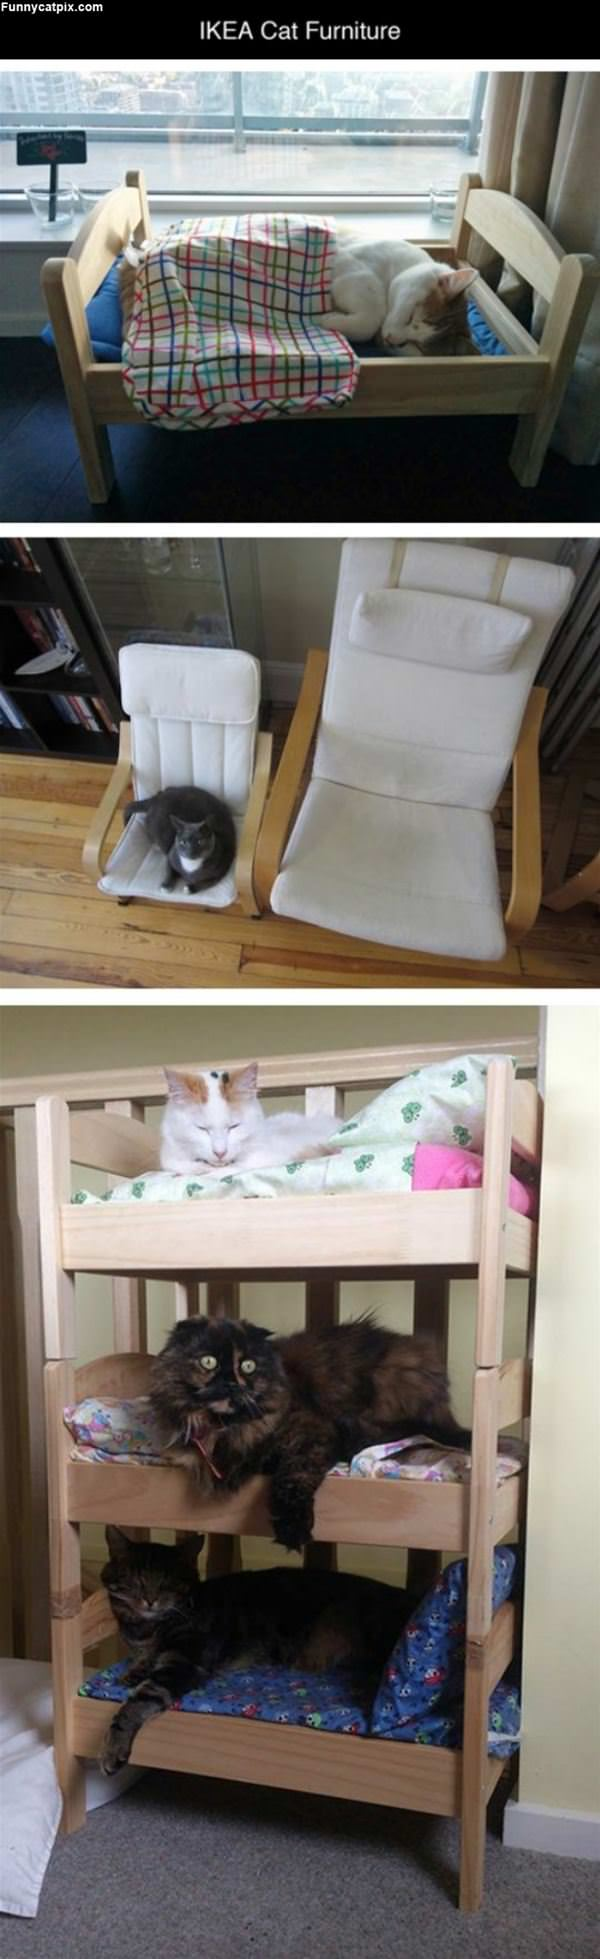 Ikea Cat Furniture